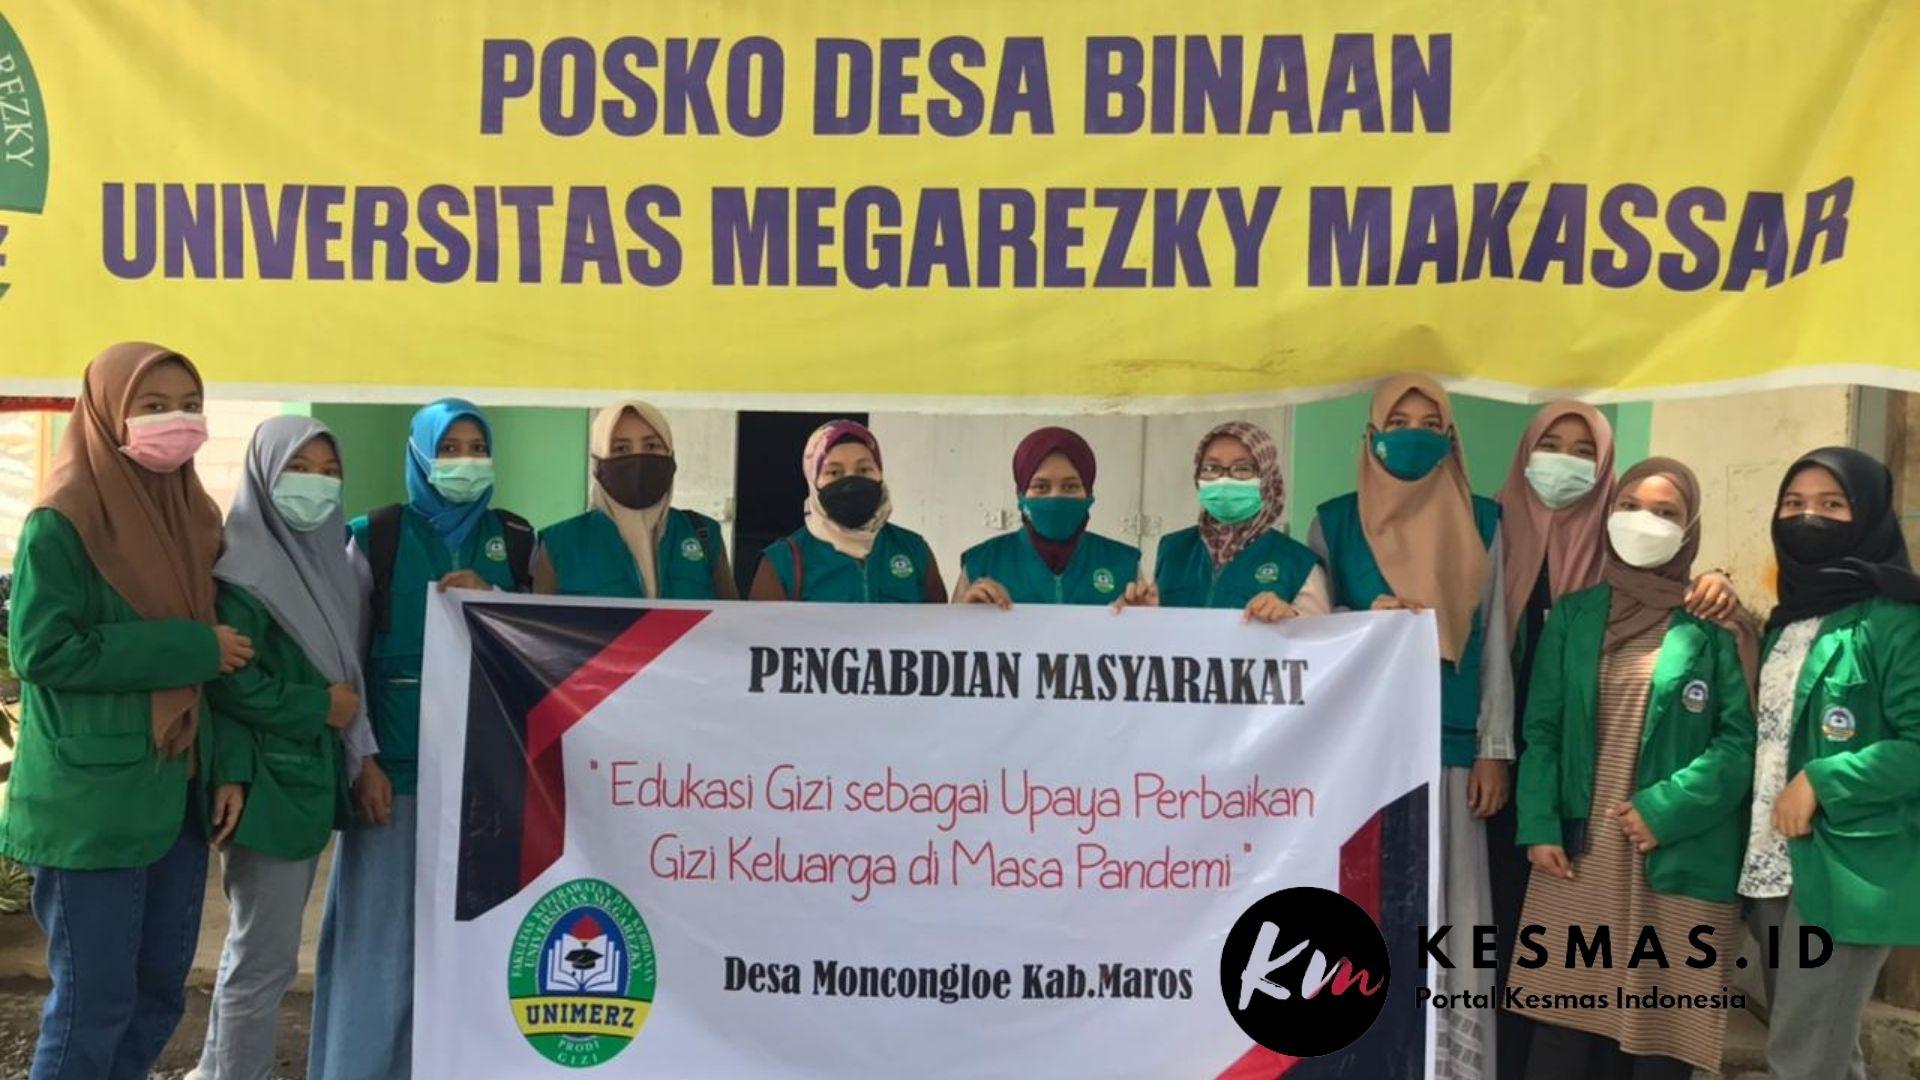 Pengabdian Masyarakat Prodi S1 Gizi Universitas Megarezky Makassar di Kabupaten Maros